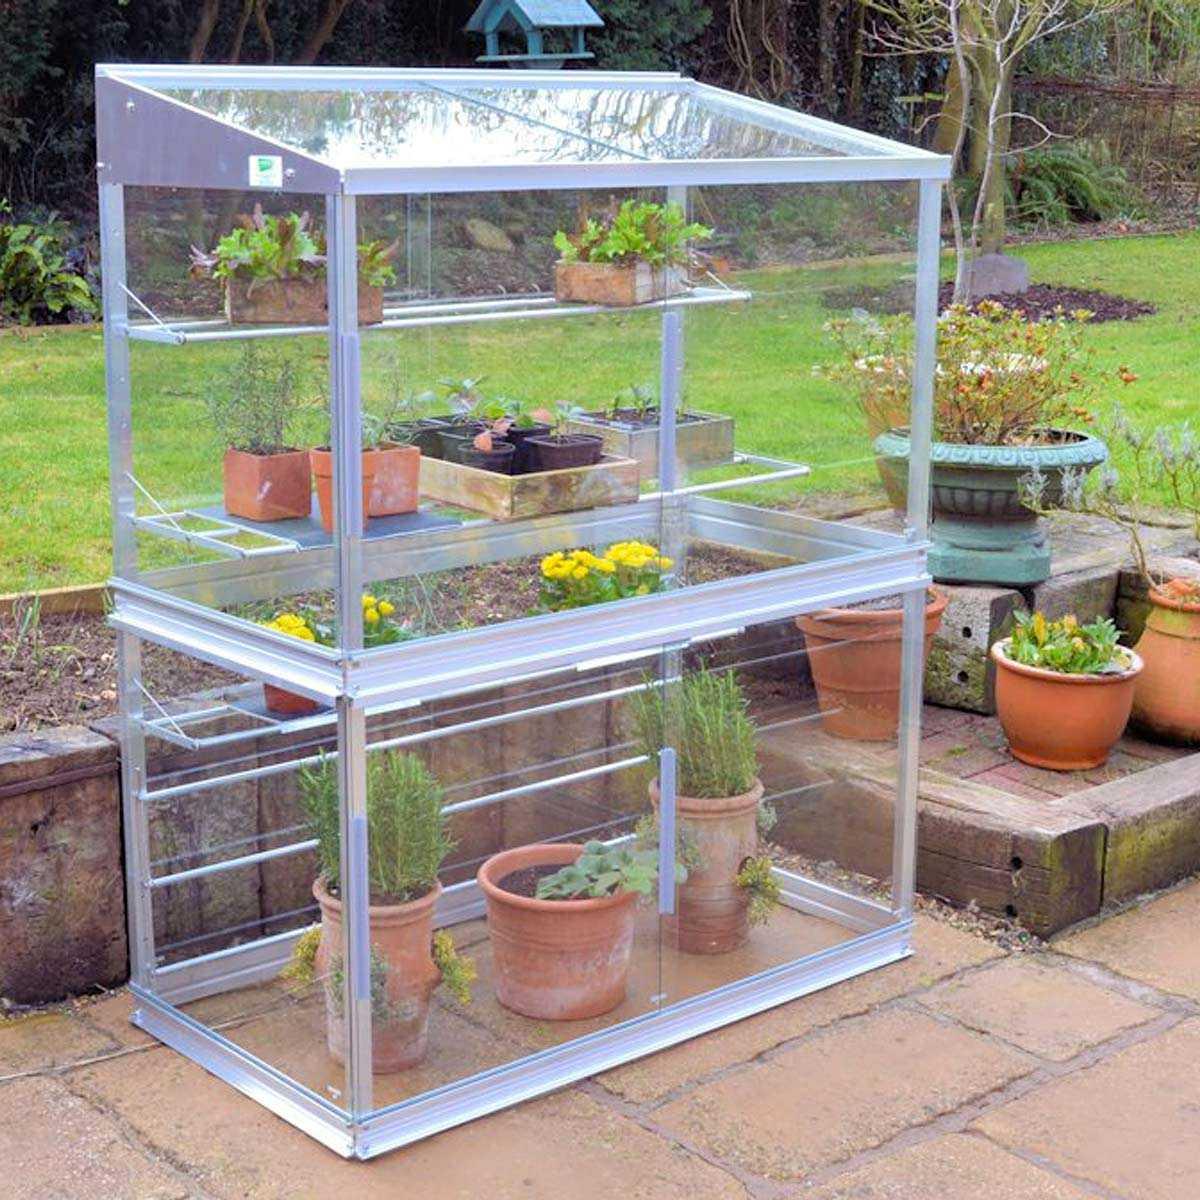 Mini Serre De Jardin En Verre Et Aluminium H.150Cm intérieur Petite Serres De Jardin